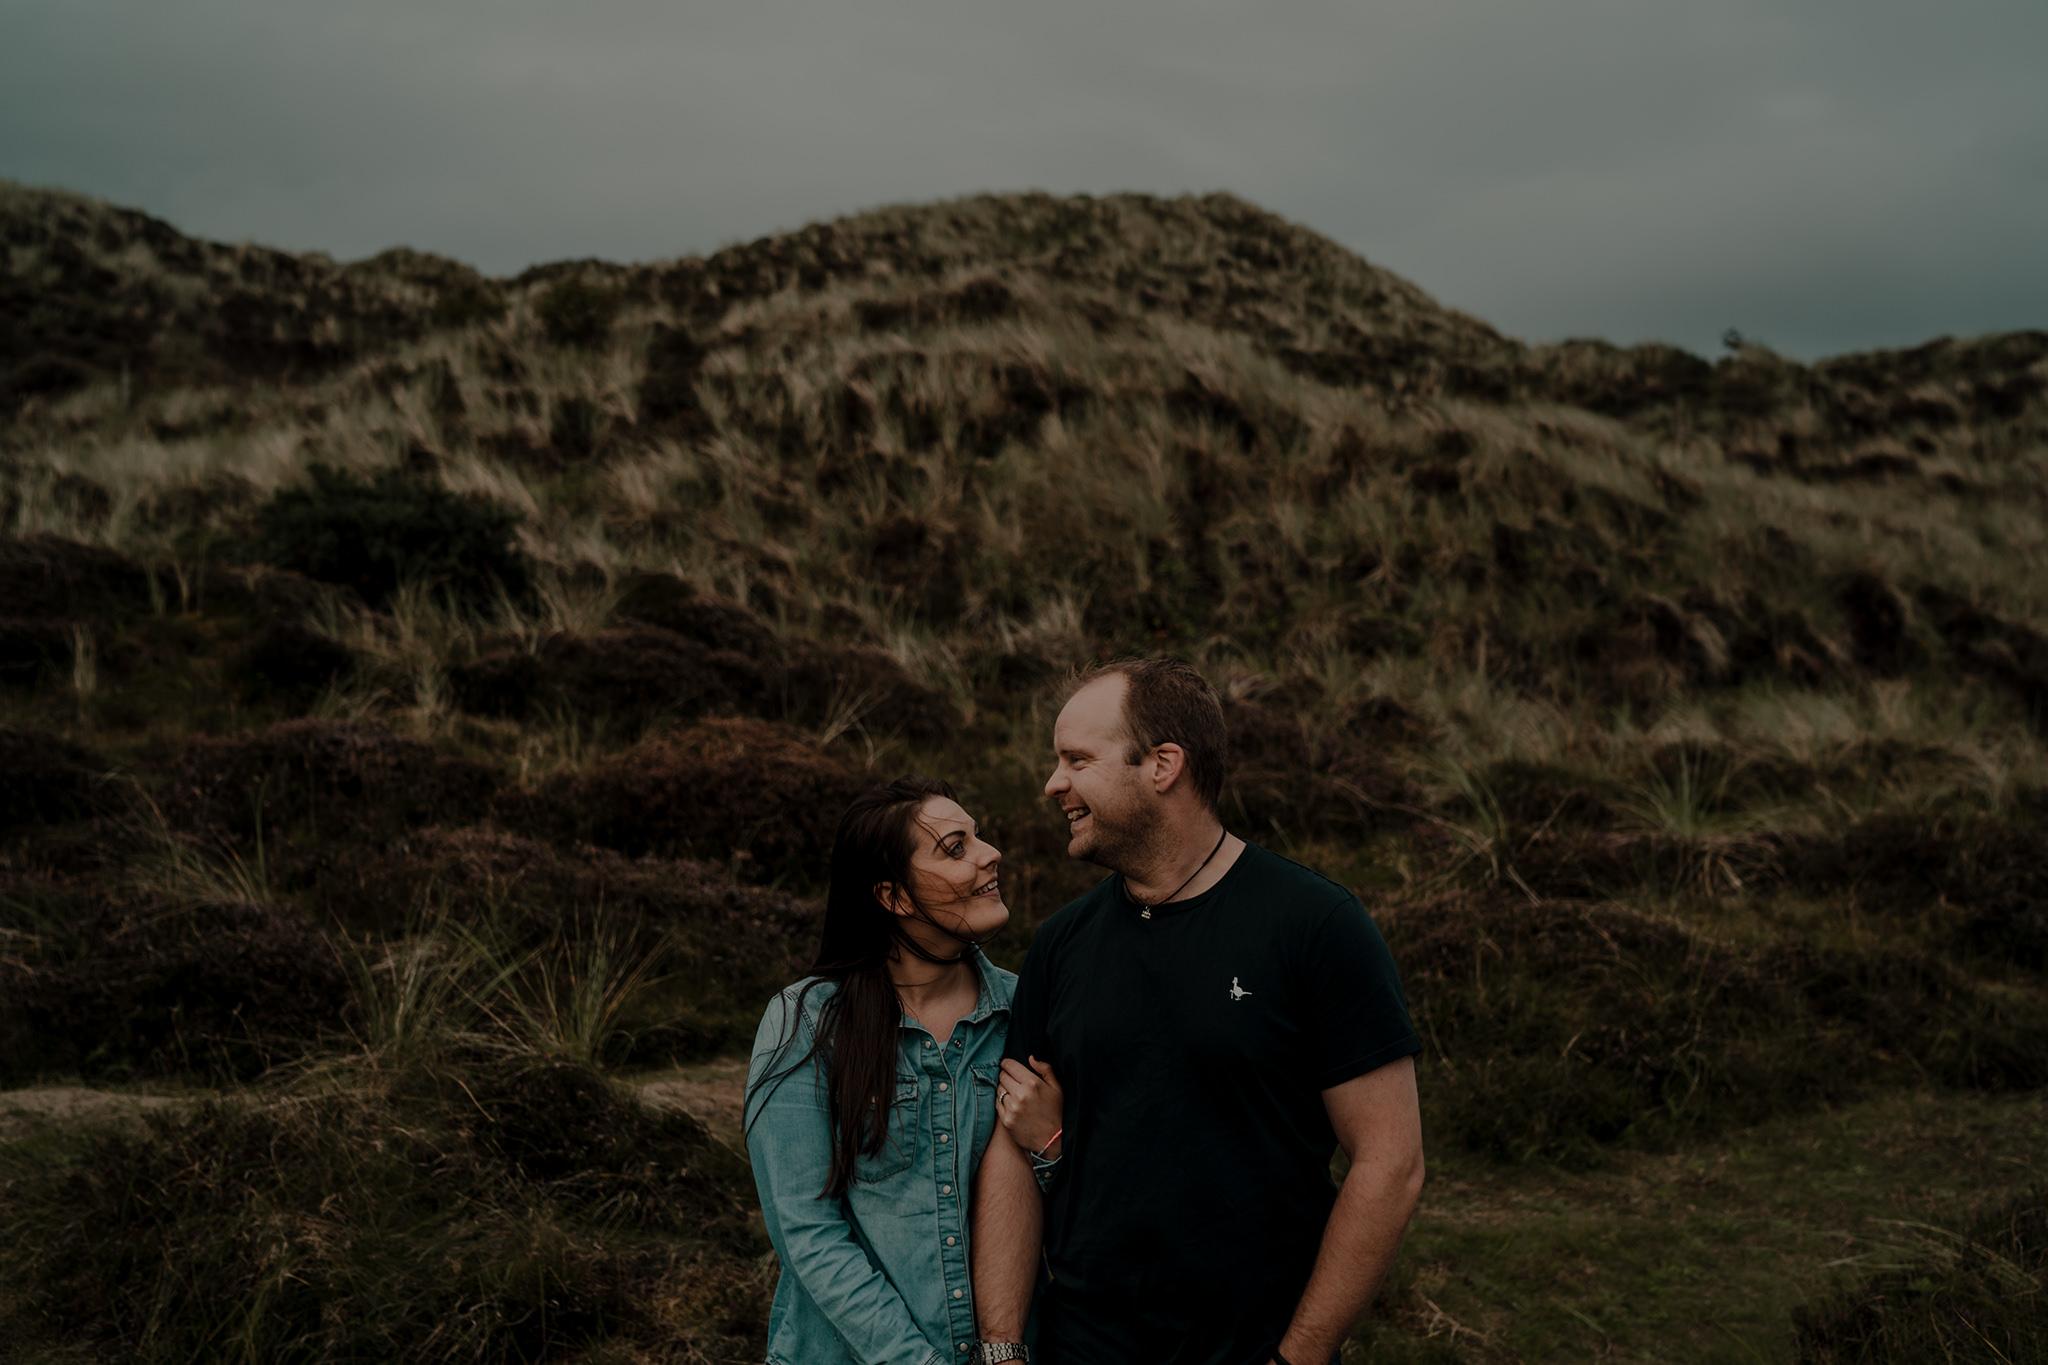 murlough-beach-engagement-photography-OM.jpg